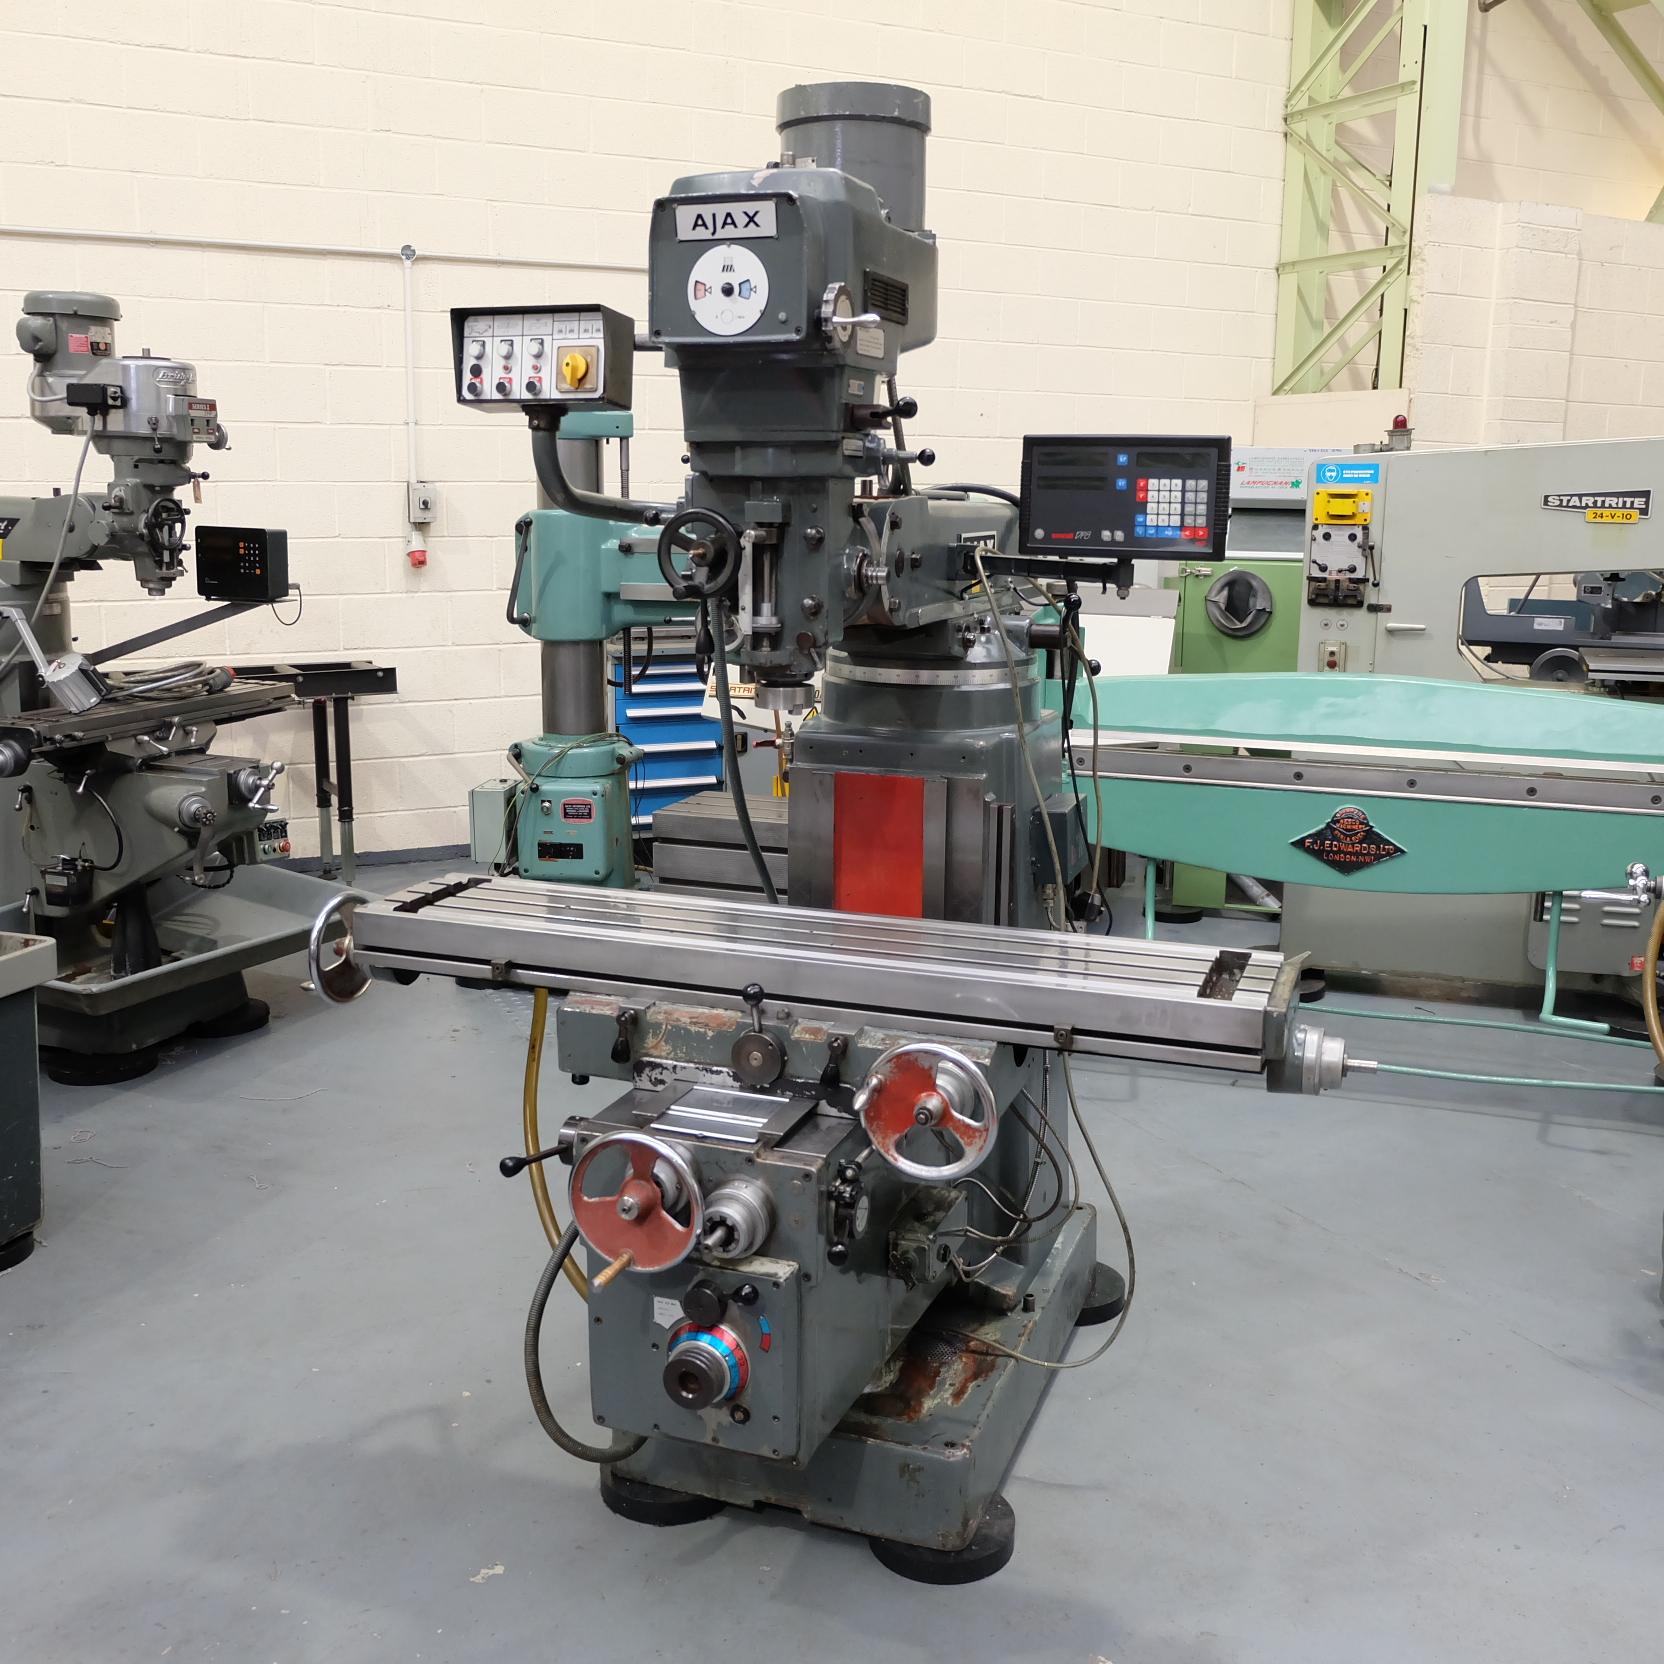 Ajax Model AJT4 Turret Milling Machine.